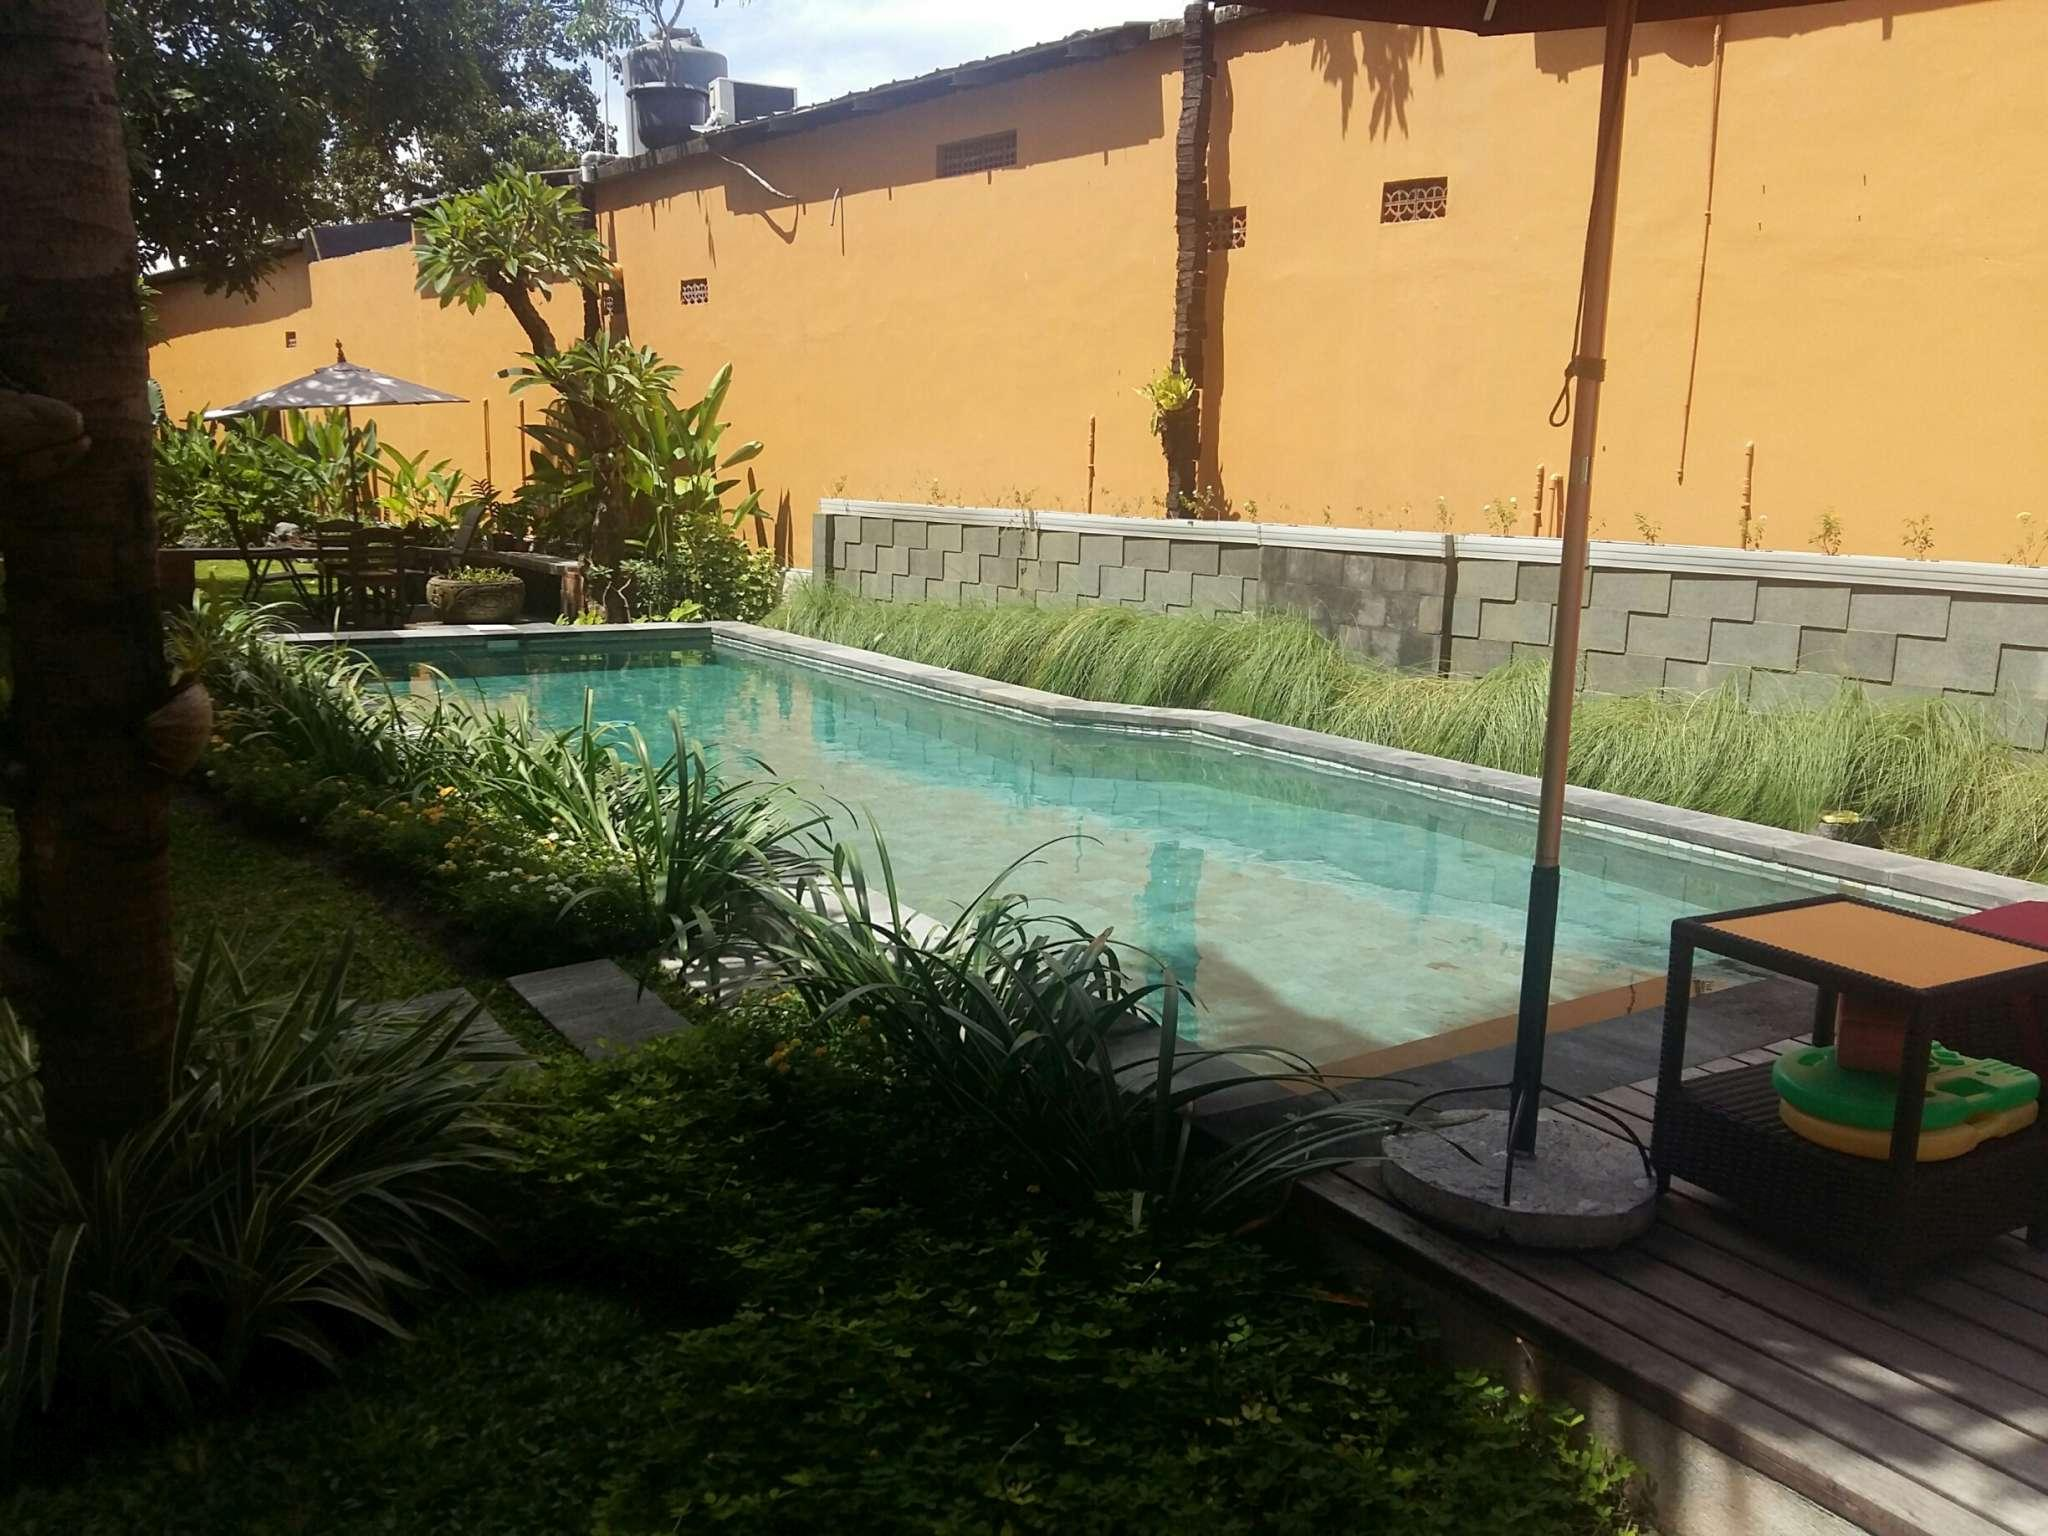 The Rani Garden 4